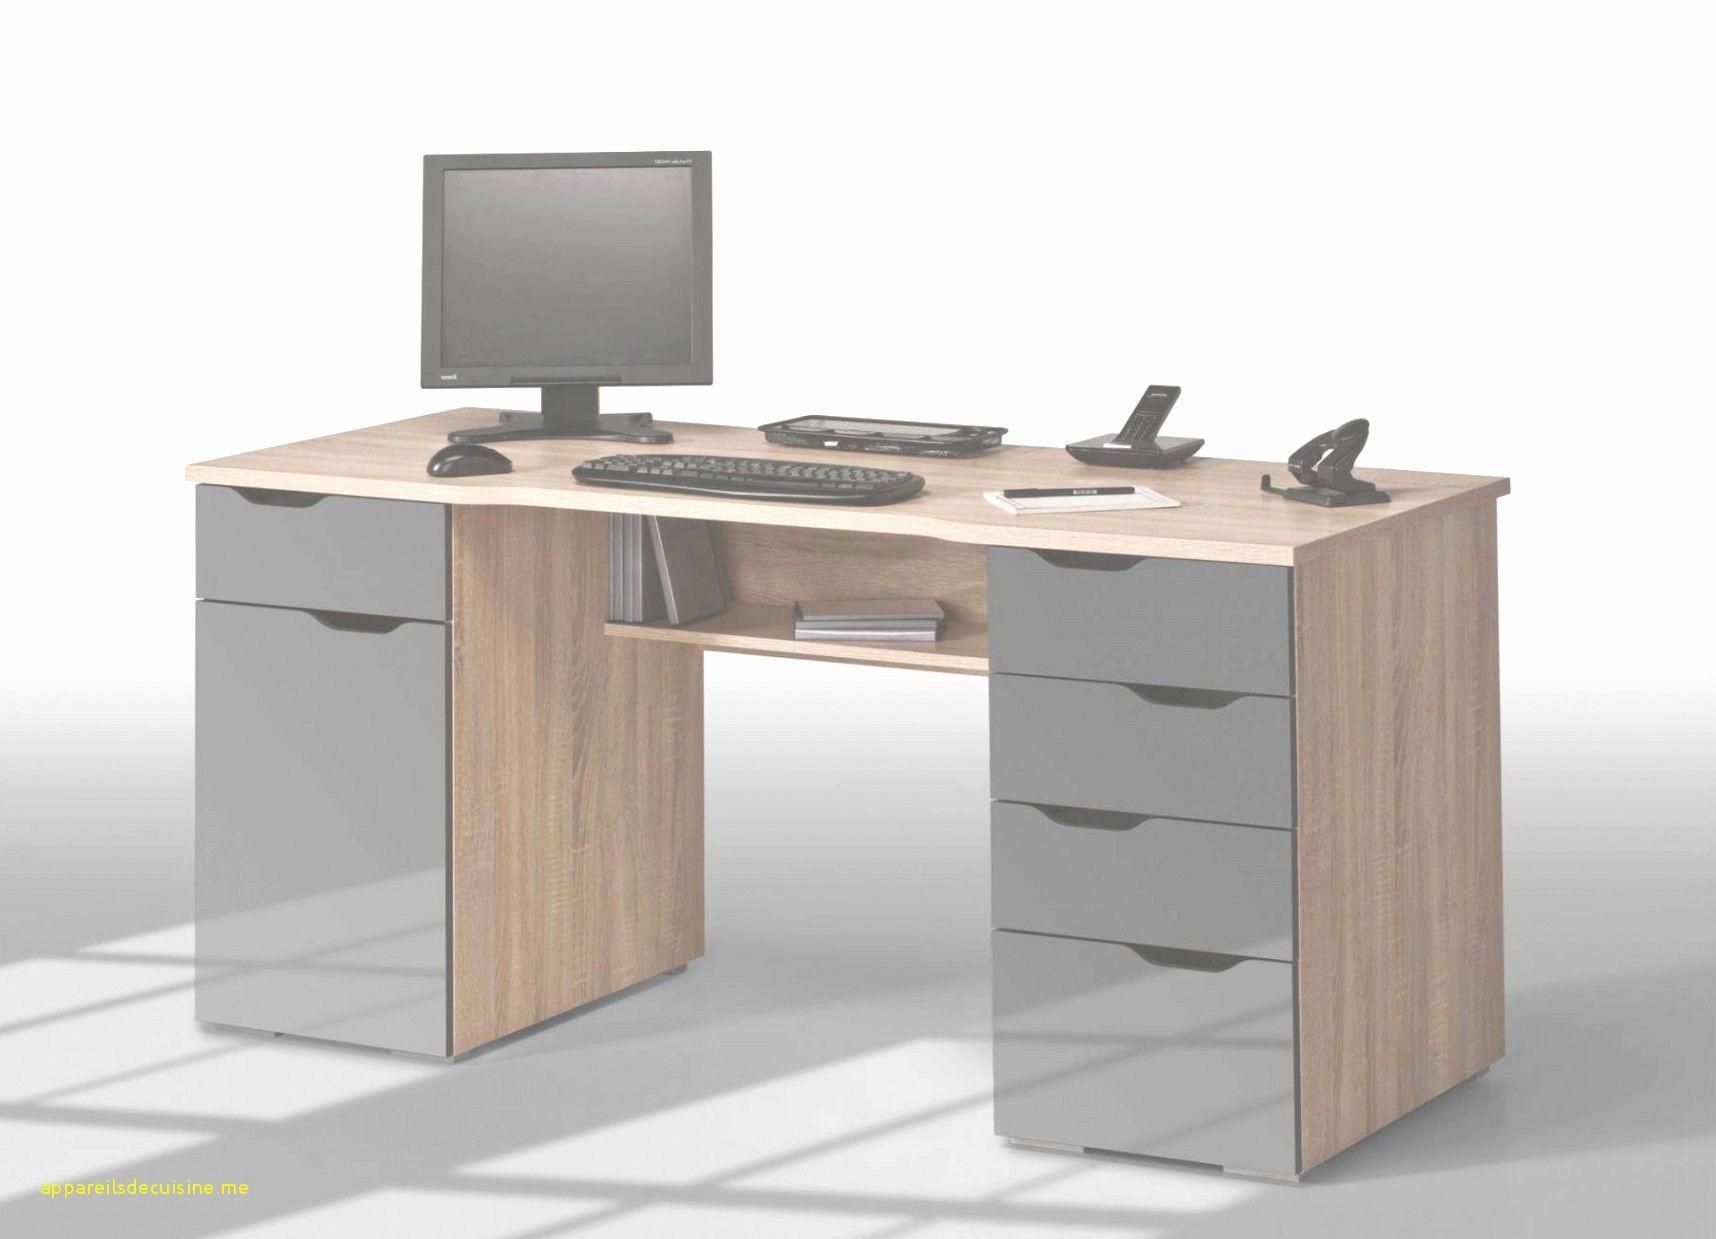 New Meuble Ordinateur Design Mobilier Bureau Armoire Metallique Bureau Meuble Ordinateur